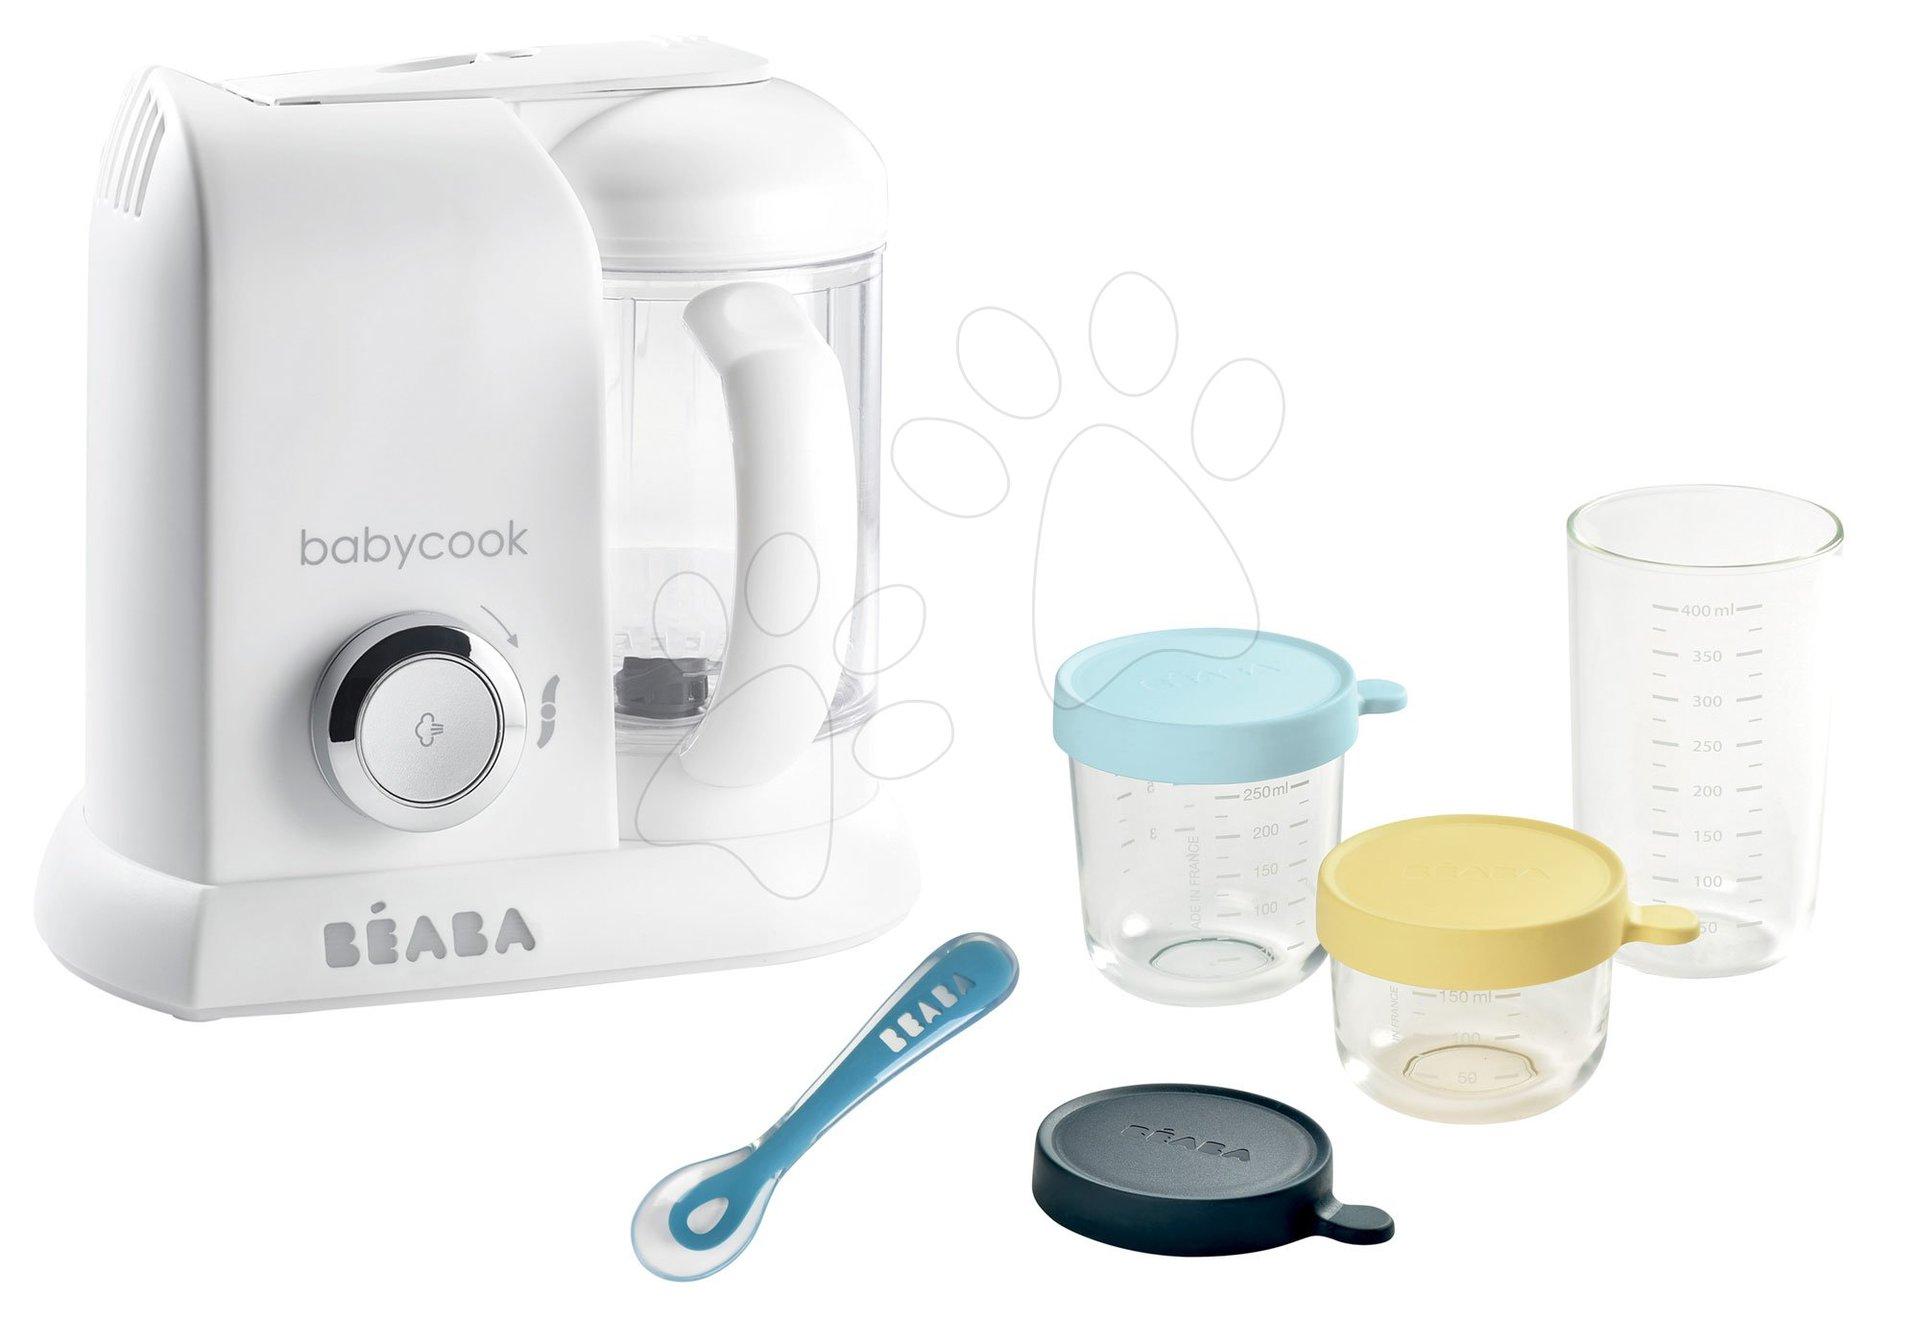 Szett ételpároló és turmixgép Babycook® Solo white silver Beaba + ajándék 3 ételtároló doboz minőségi üvegből és szilikon kiskanál 150/250/400ml 0 hó-tól